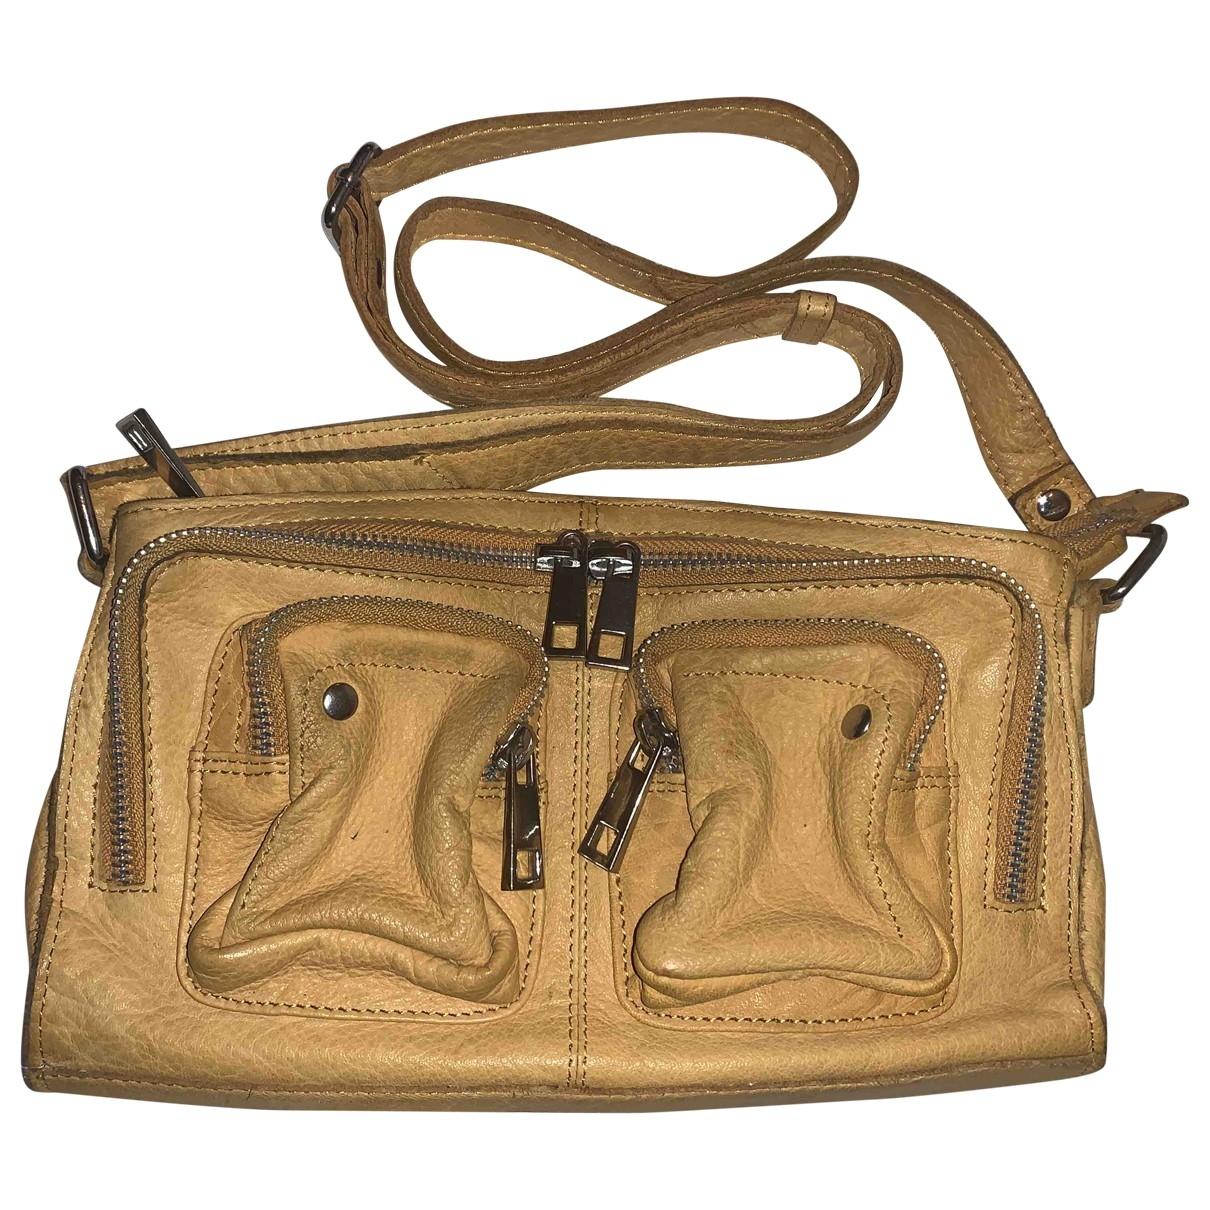 Nunoo \N Handtasche in  Gelb Leder